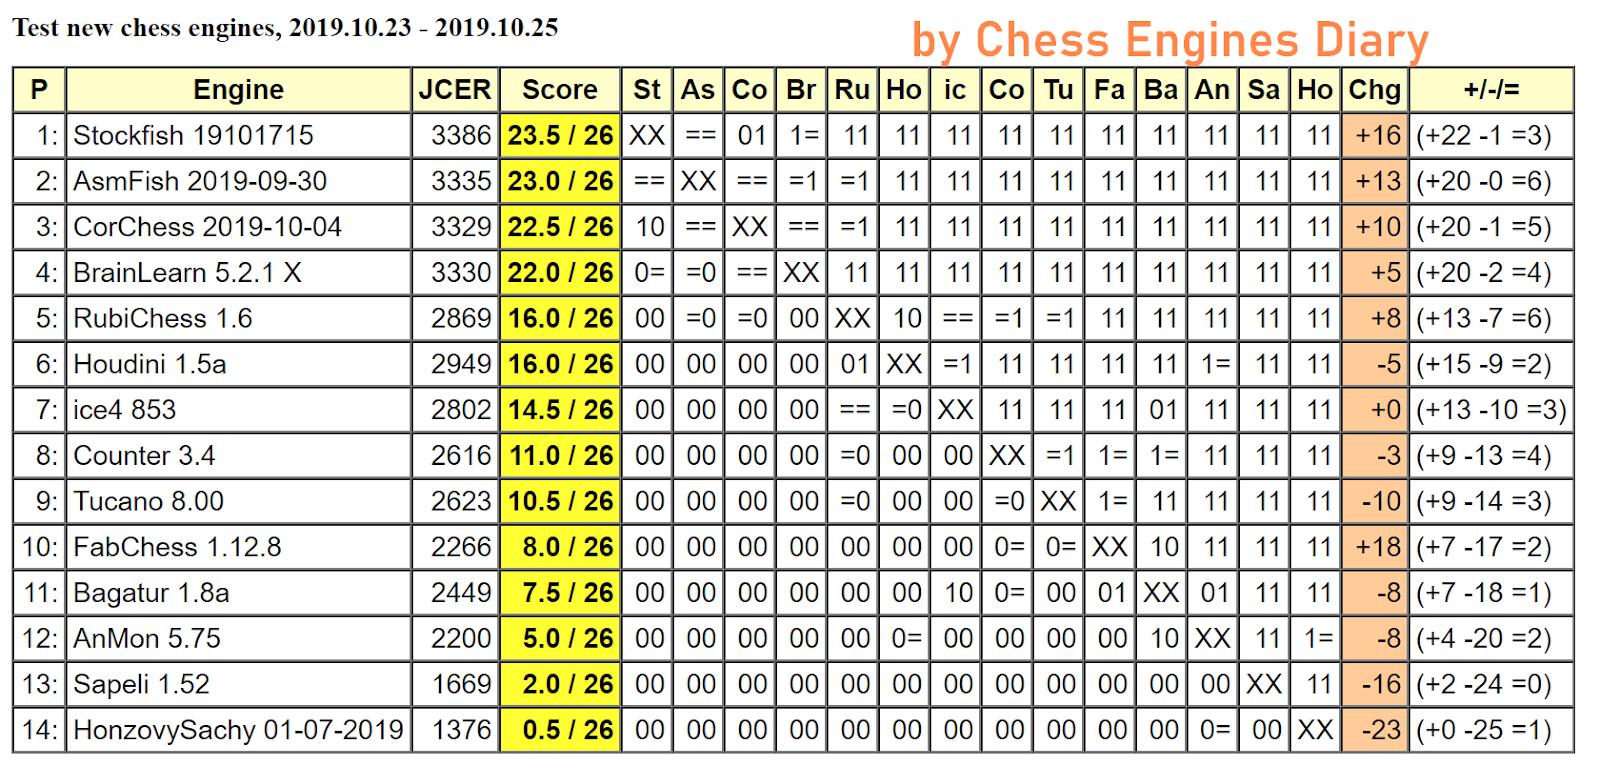 Stockfish171019 & BrainLearn 5.2X ( 12 Cpus-Game 1_) 2019.10.23.TestnewchessenginesScid.html